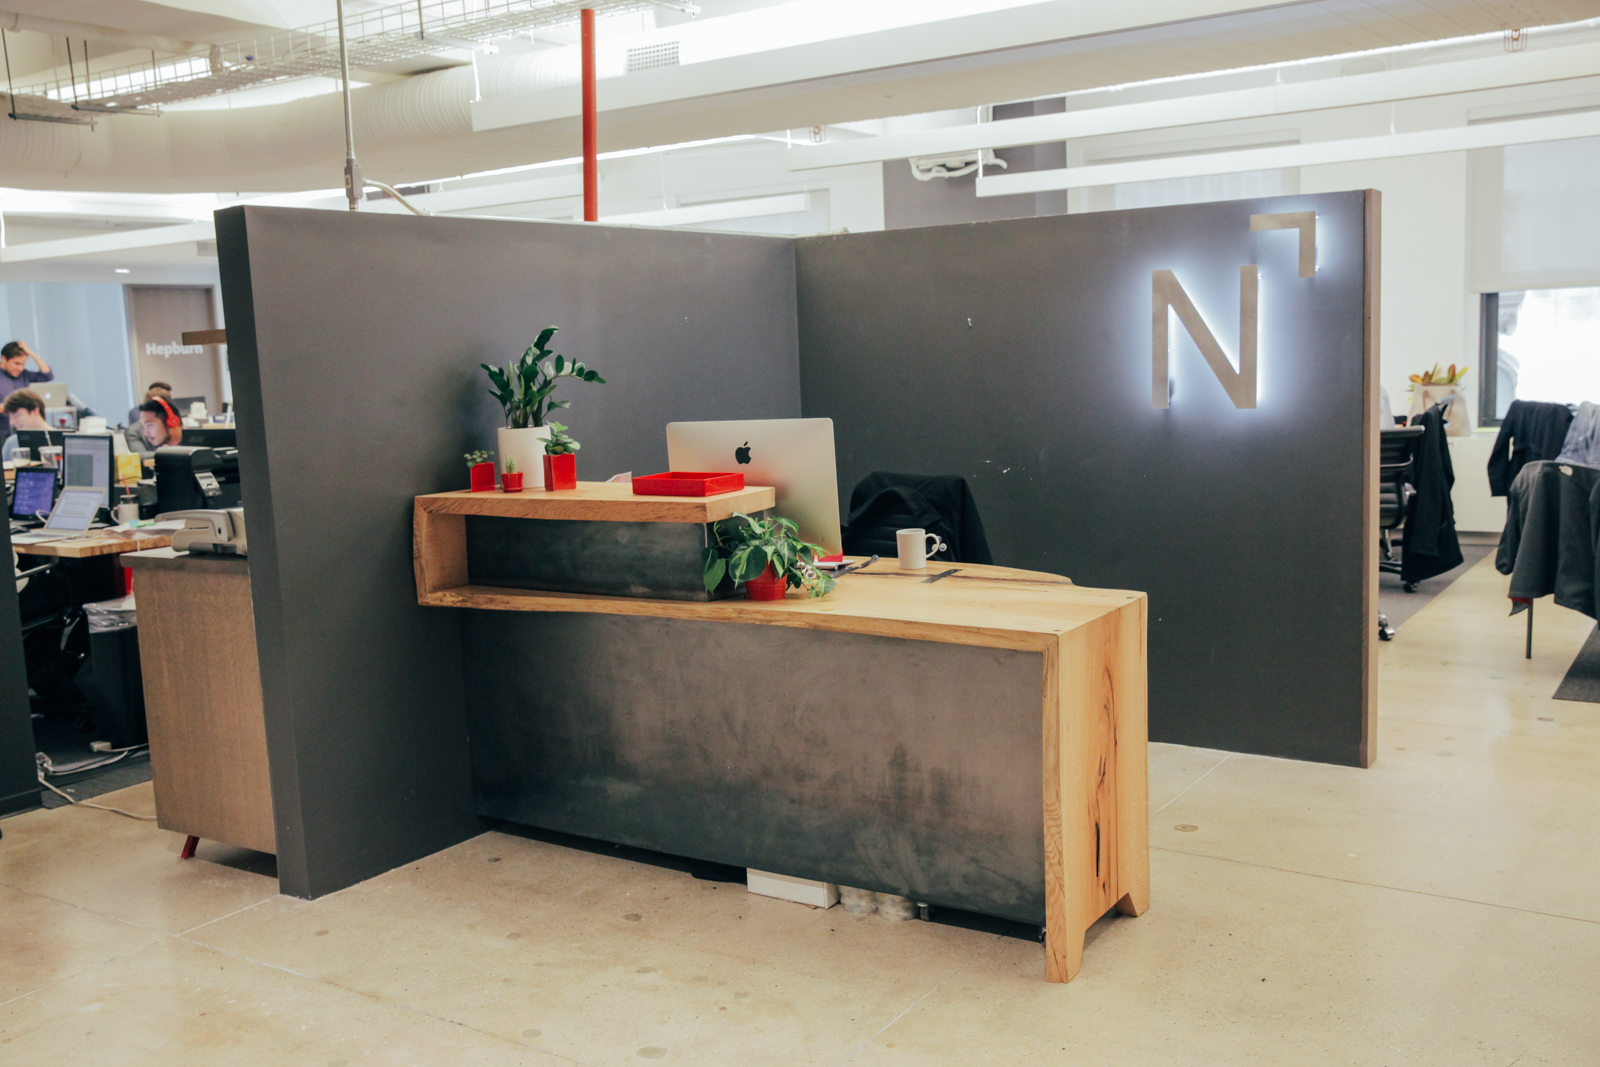 NewsCred NYC